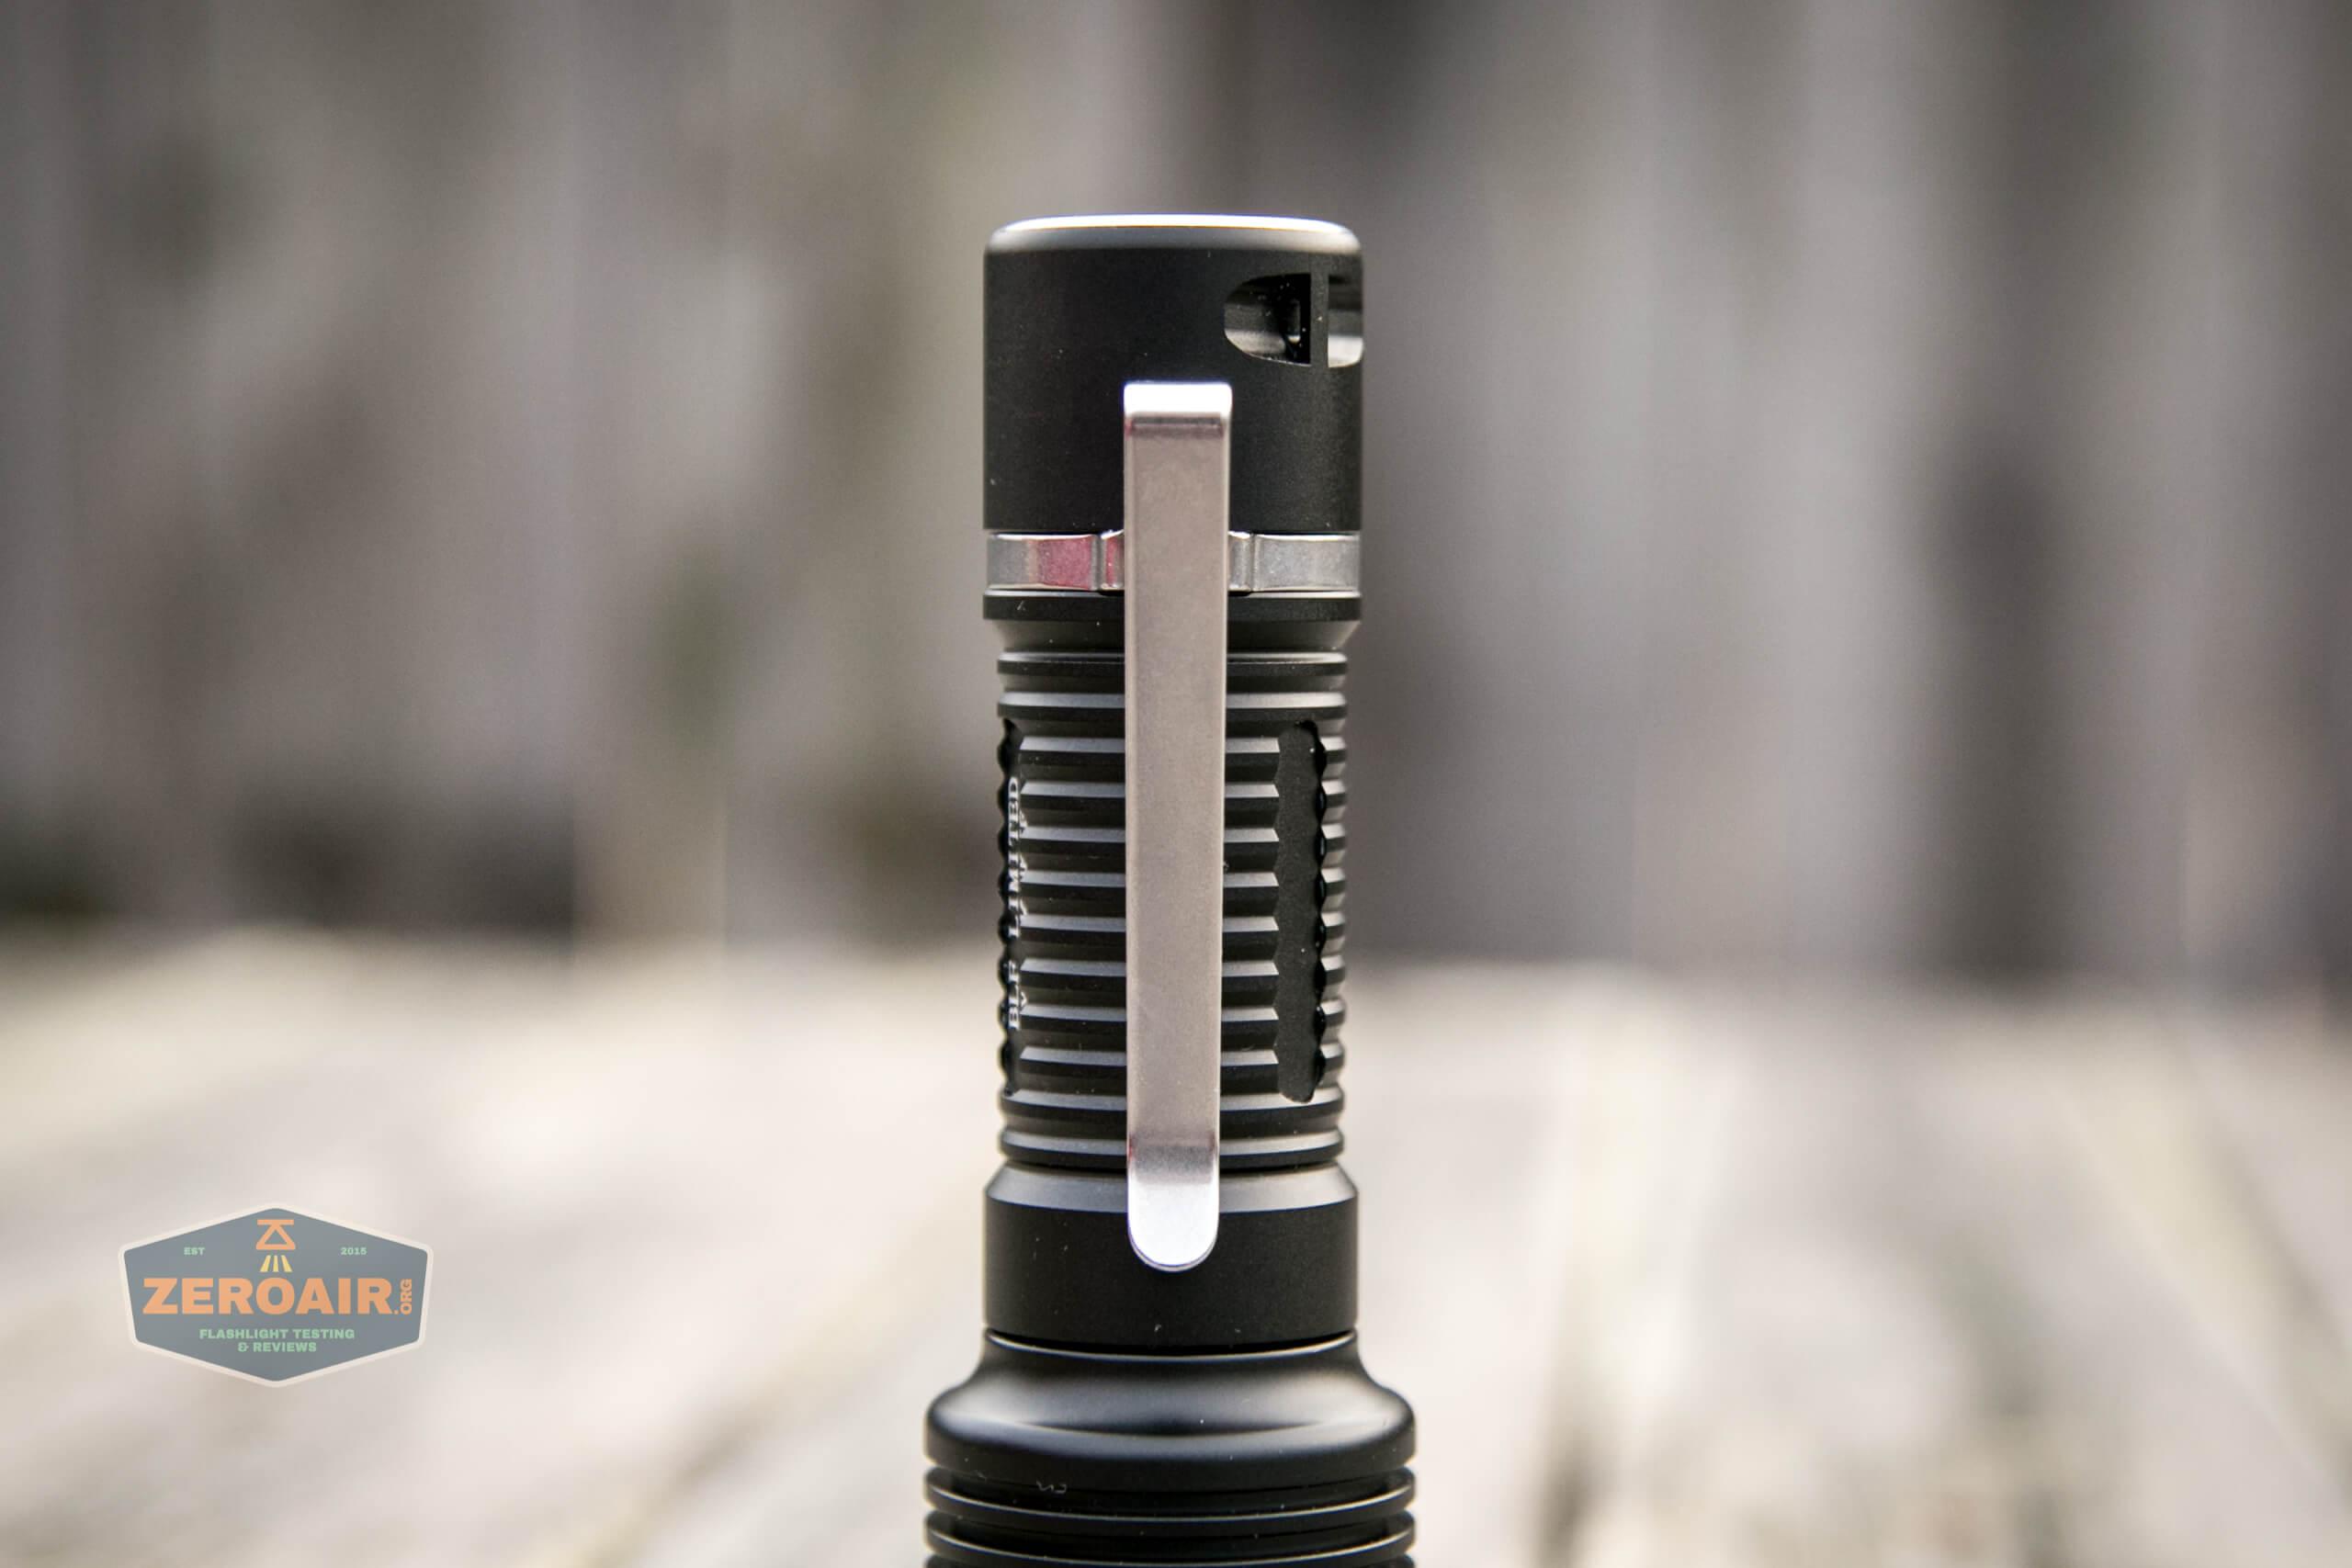 Manker MC13 thrower flashlight 18650 pocket clip